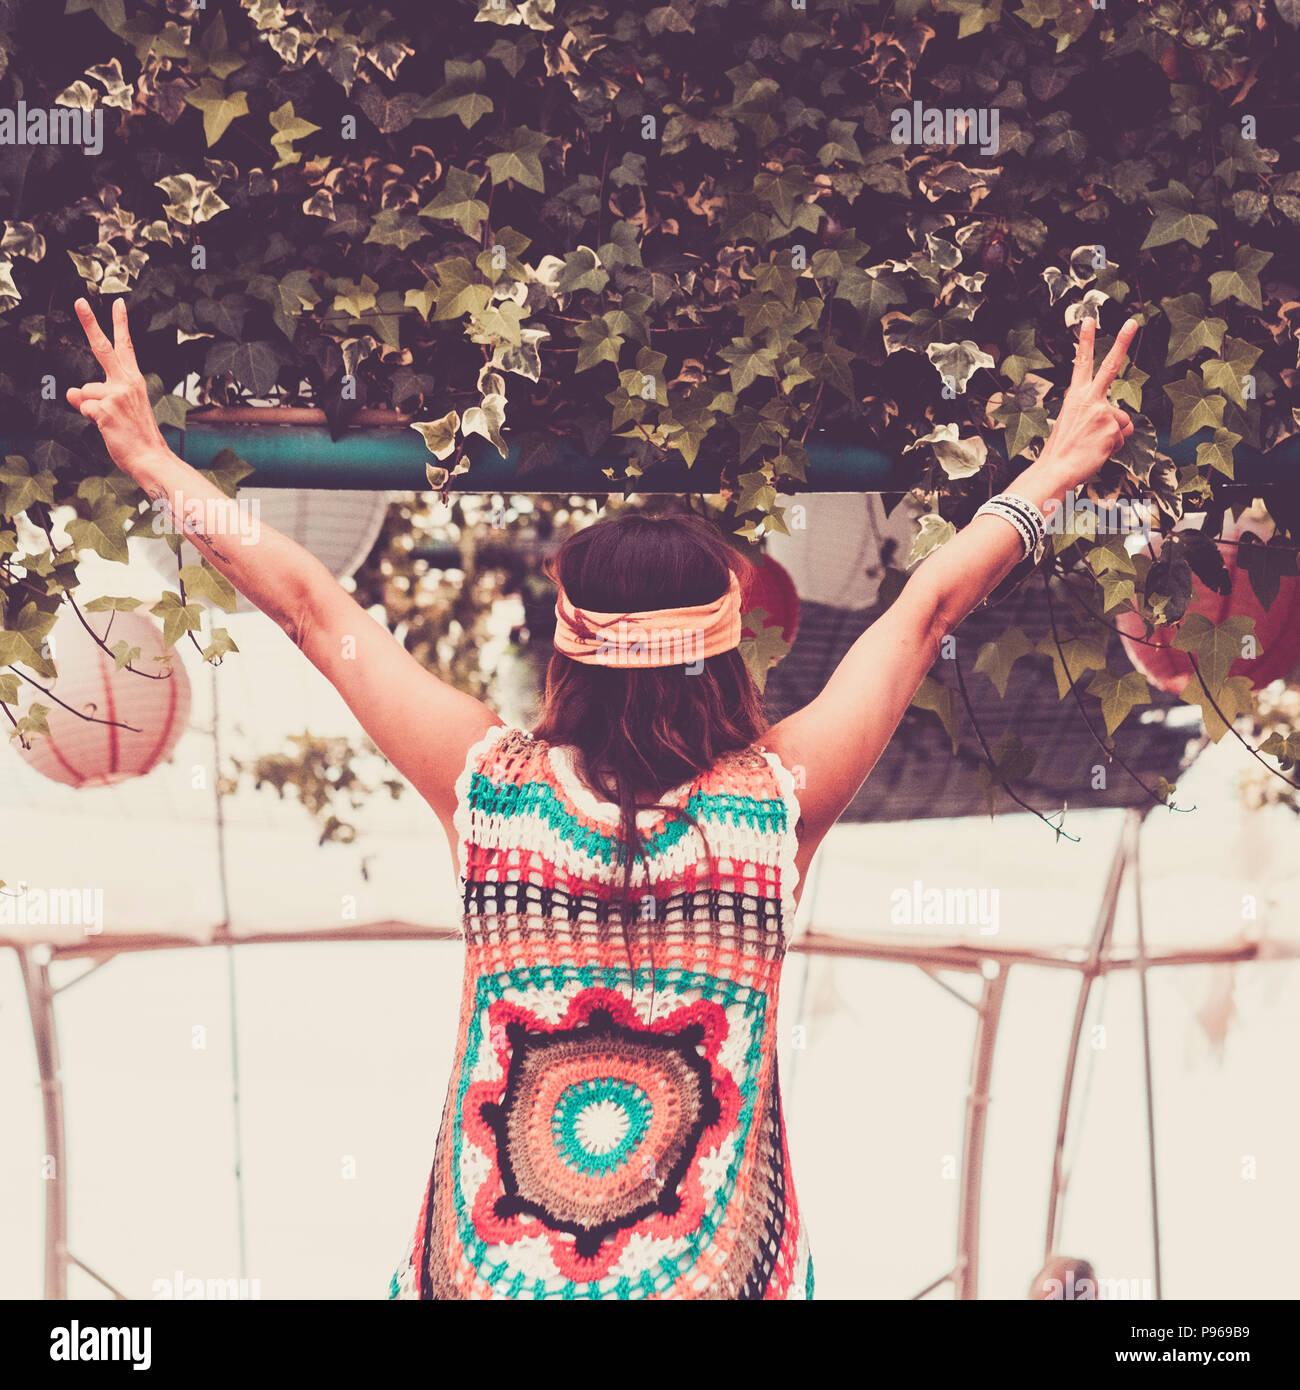 Vincitore Concetto di immagine con libertà ragazza visto dal lato posteriore dei bracci di apertura e l'apertura delle dita. hippy vestiti come negli anni '60. Immagini Stock